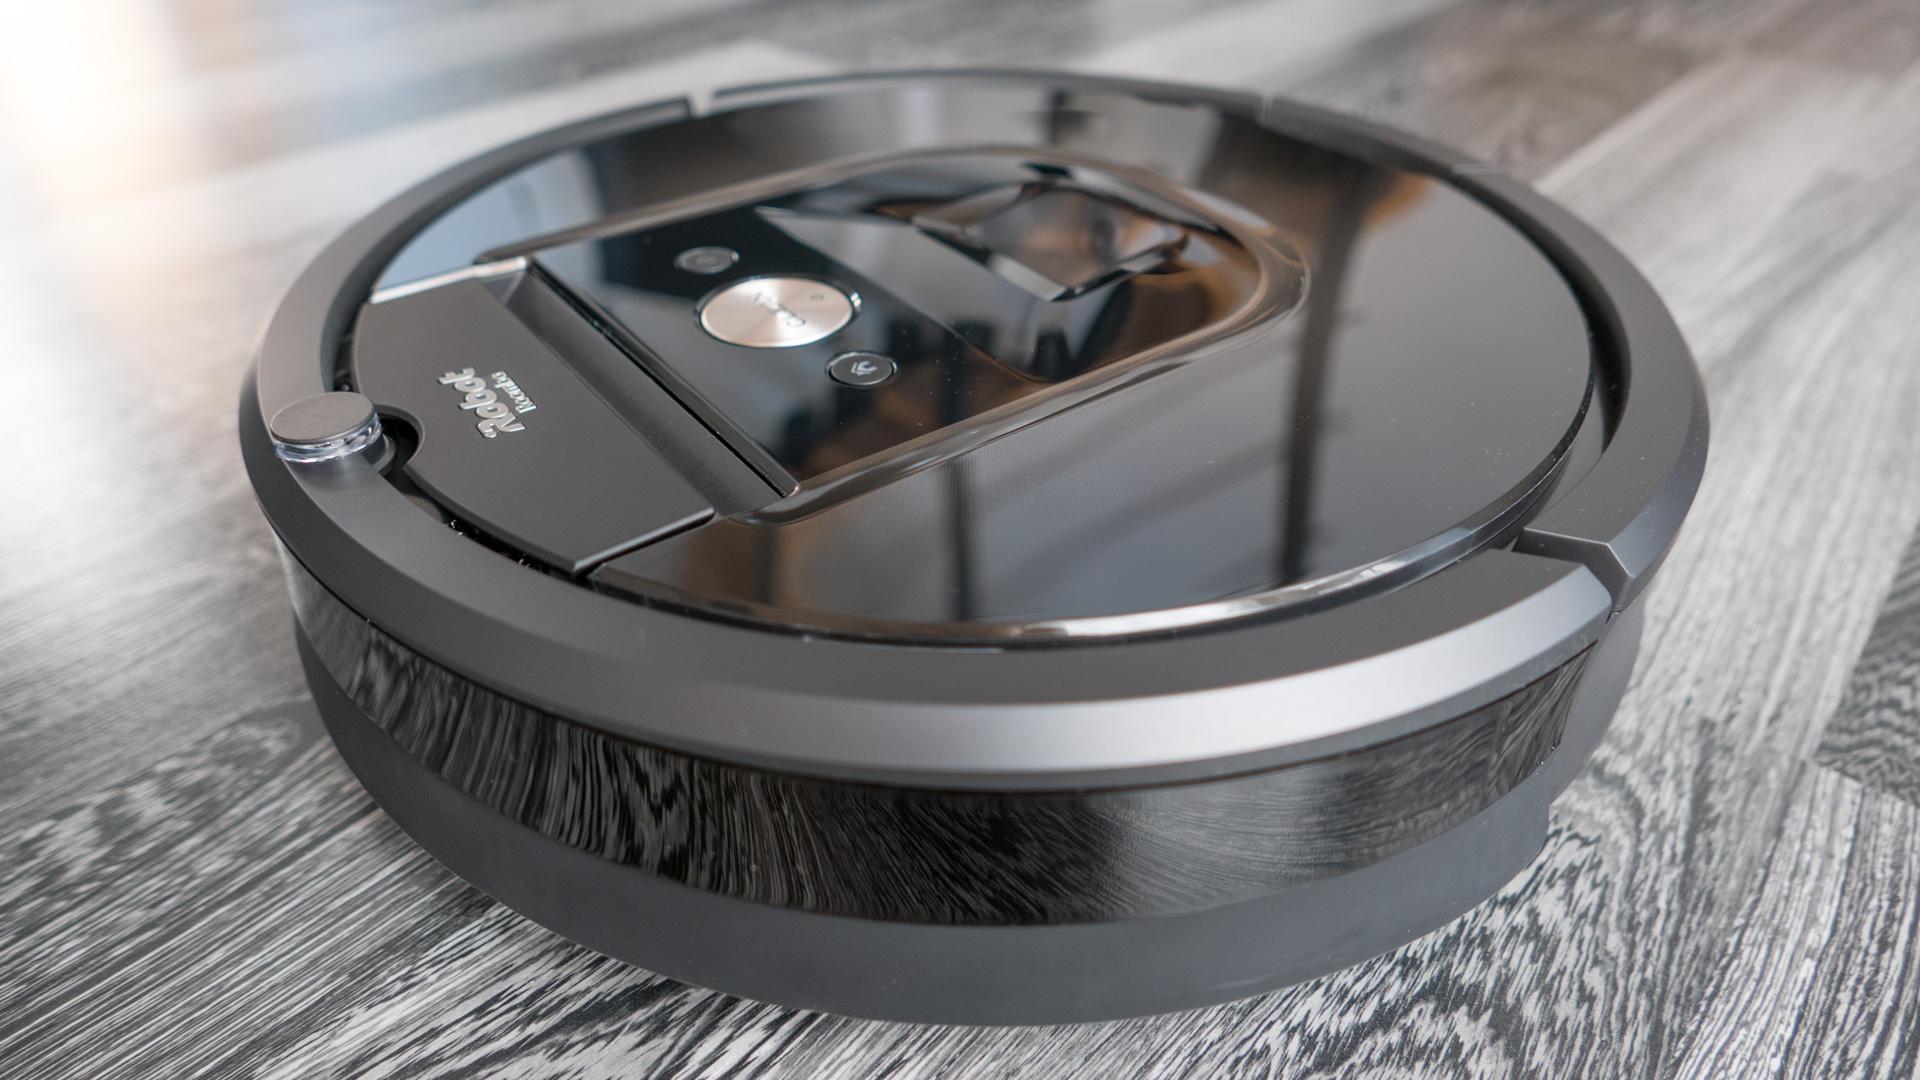 iRobot Roomba 980 Details 13